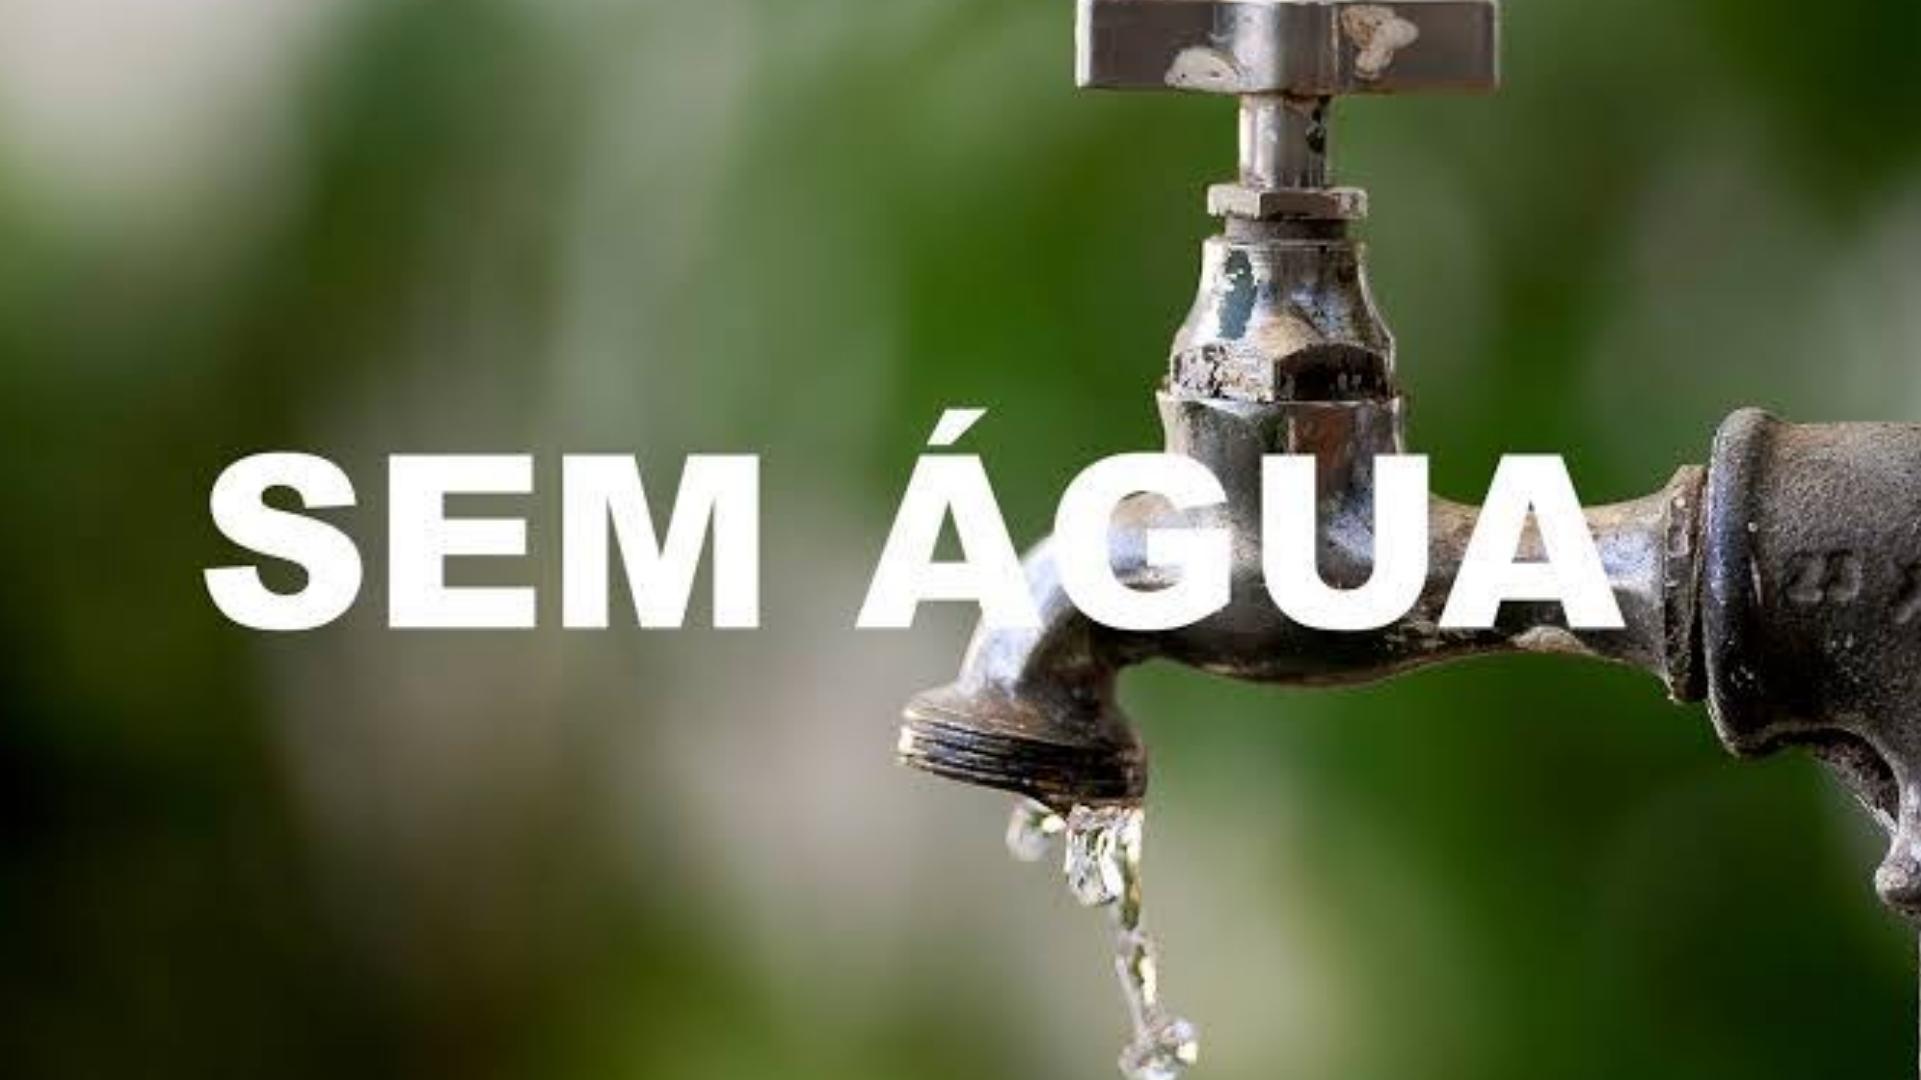 Com forte calor, moradores da zona norte de Sorocaba sofrem com falta de água